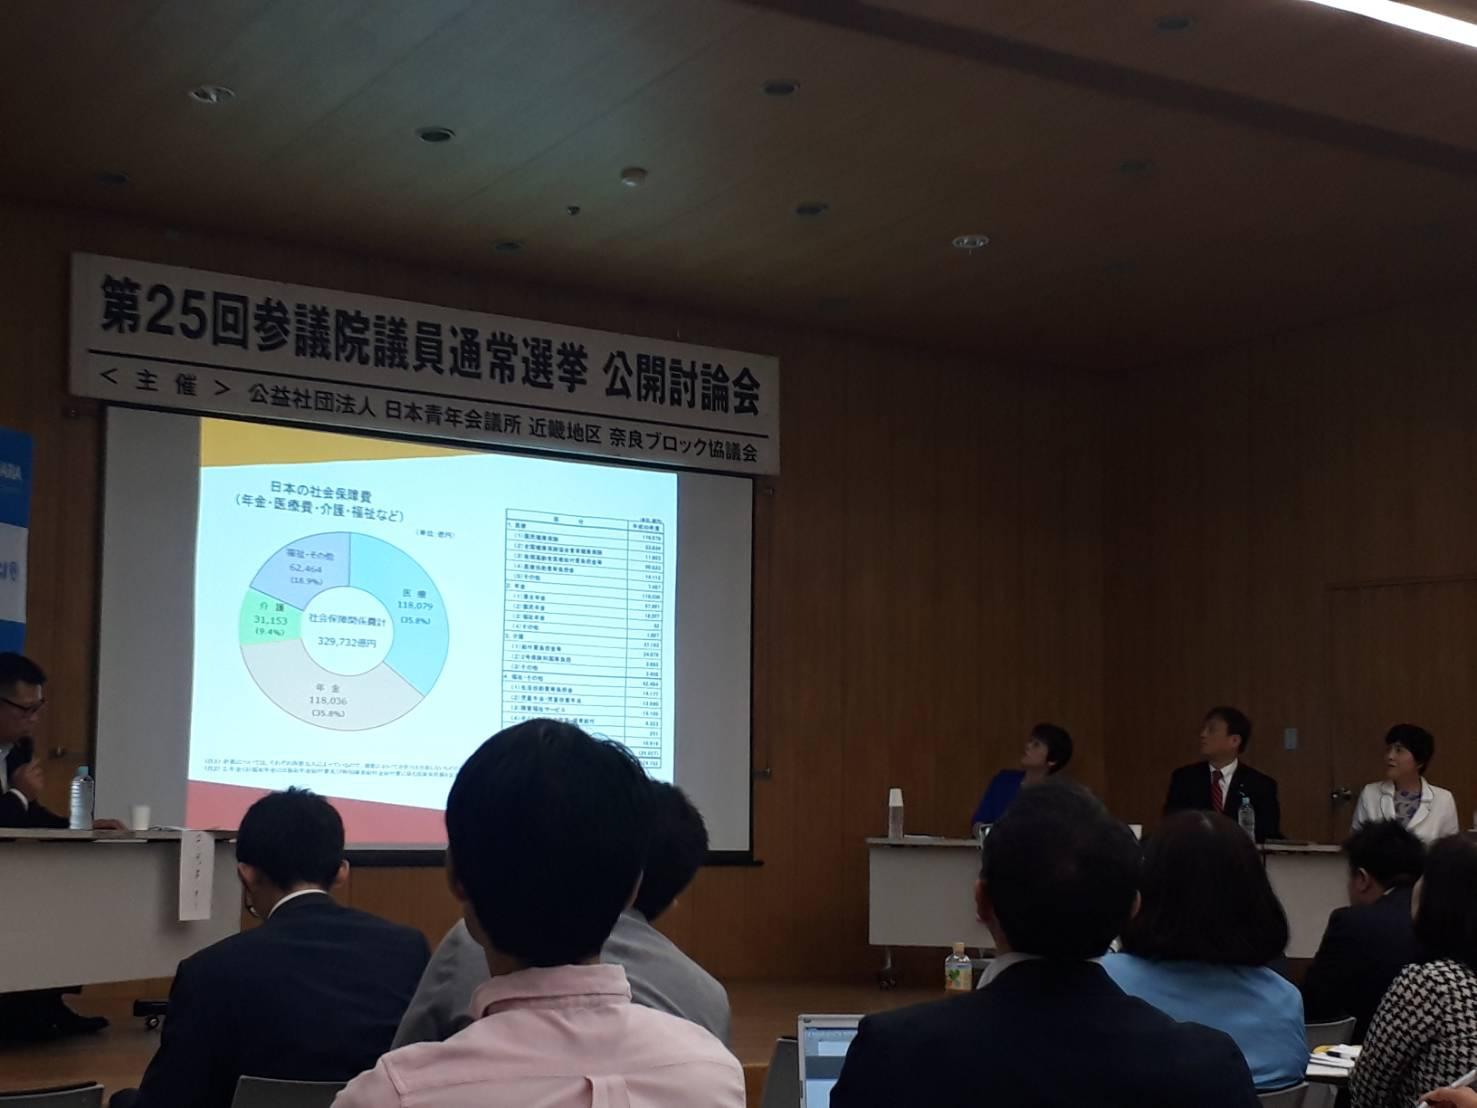 第25回参議院議員通常選挙・公開討論会@奈良県文化会館